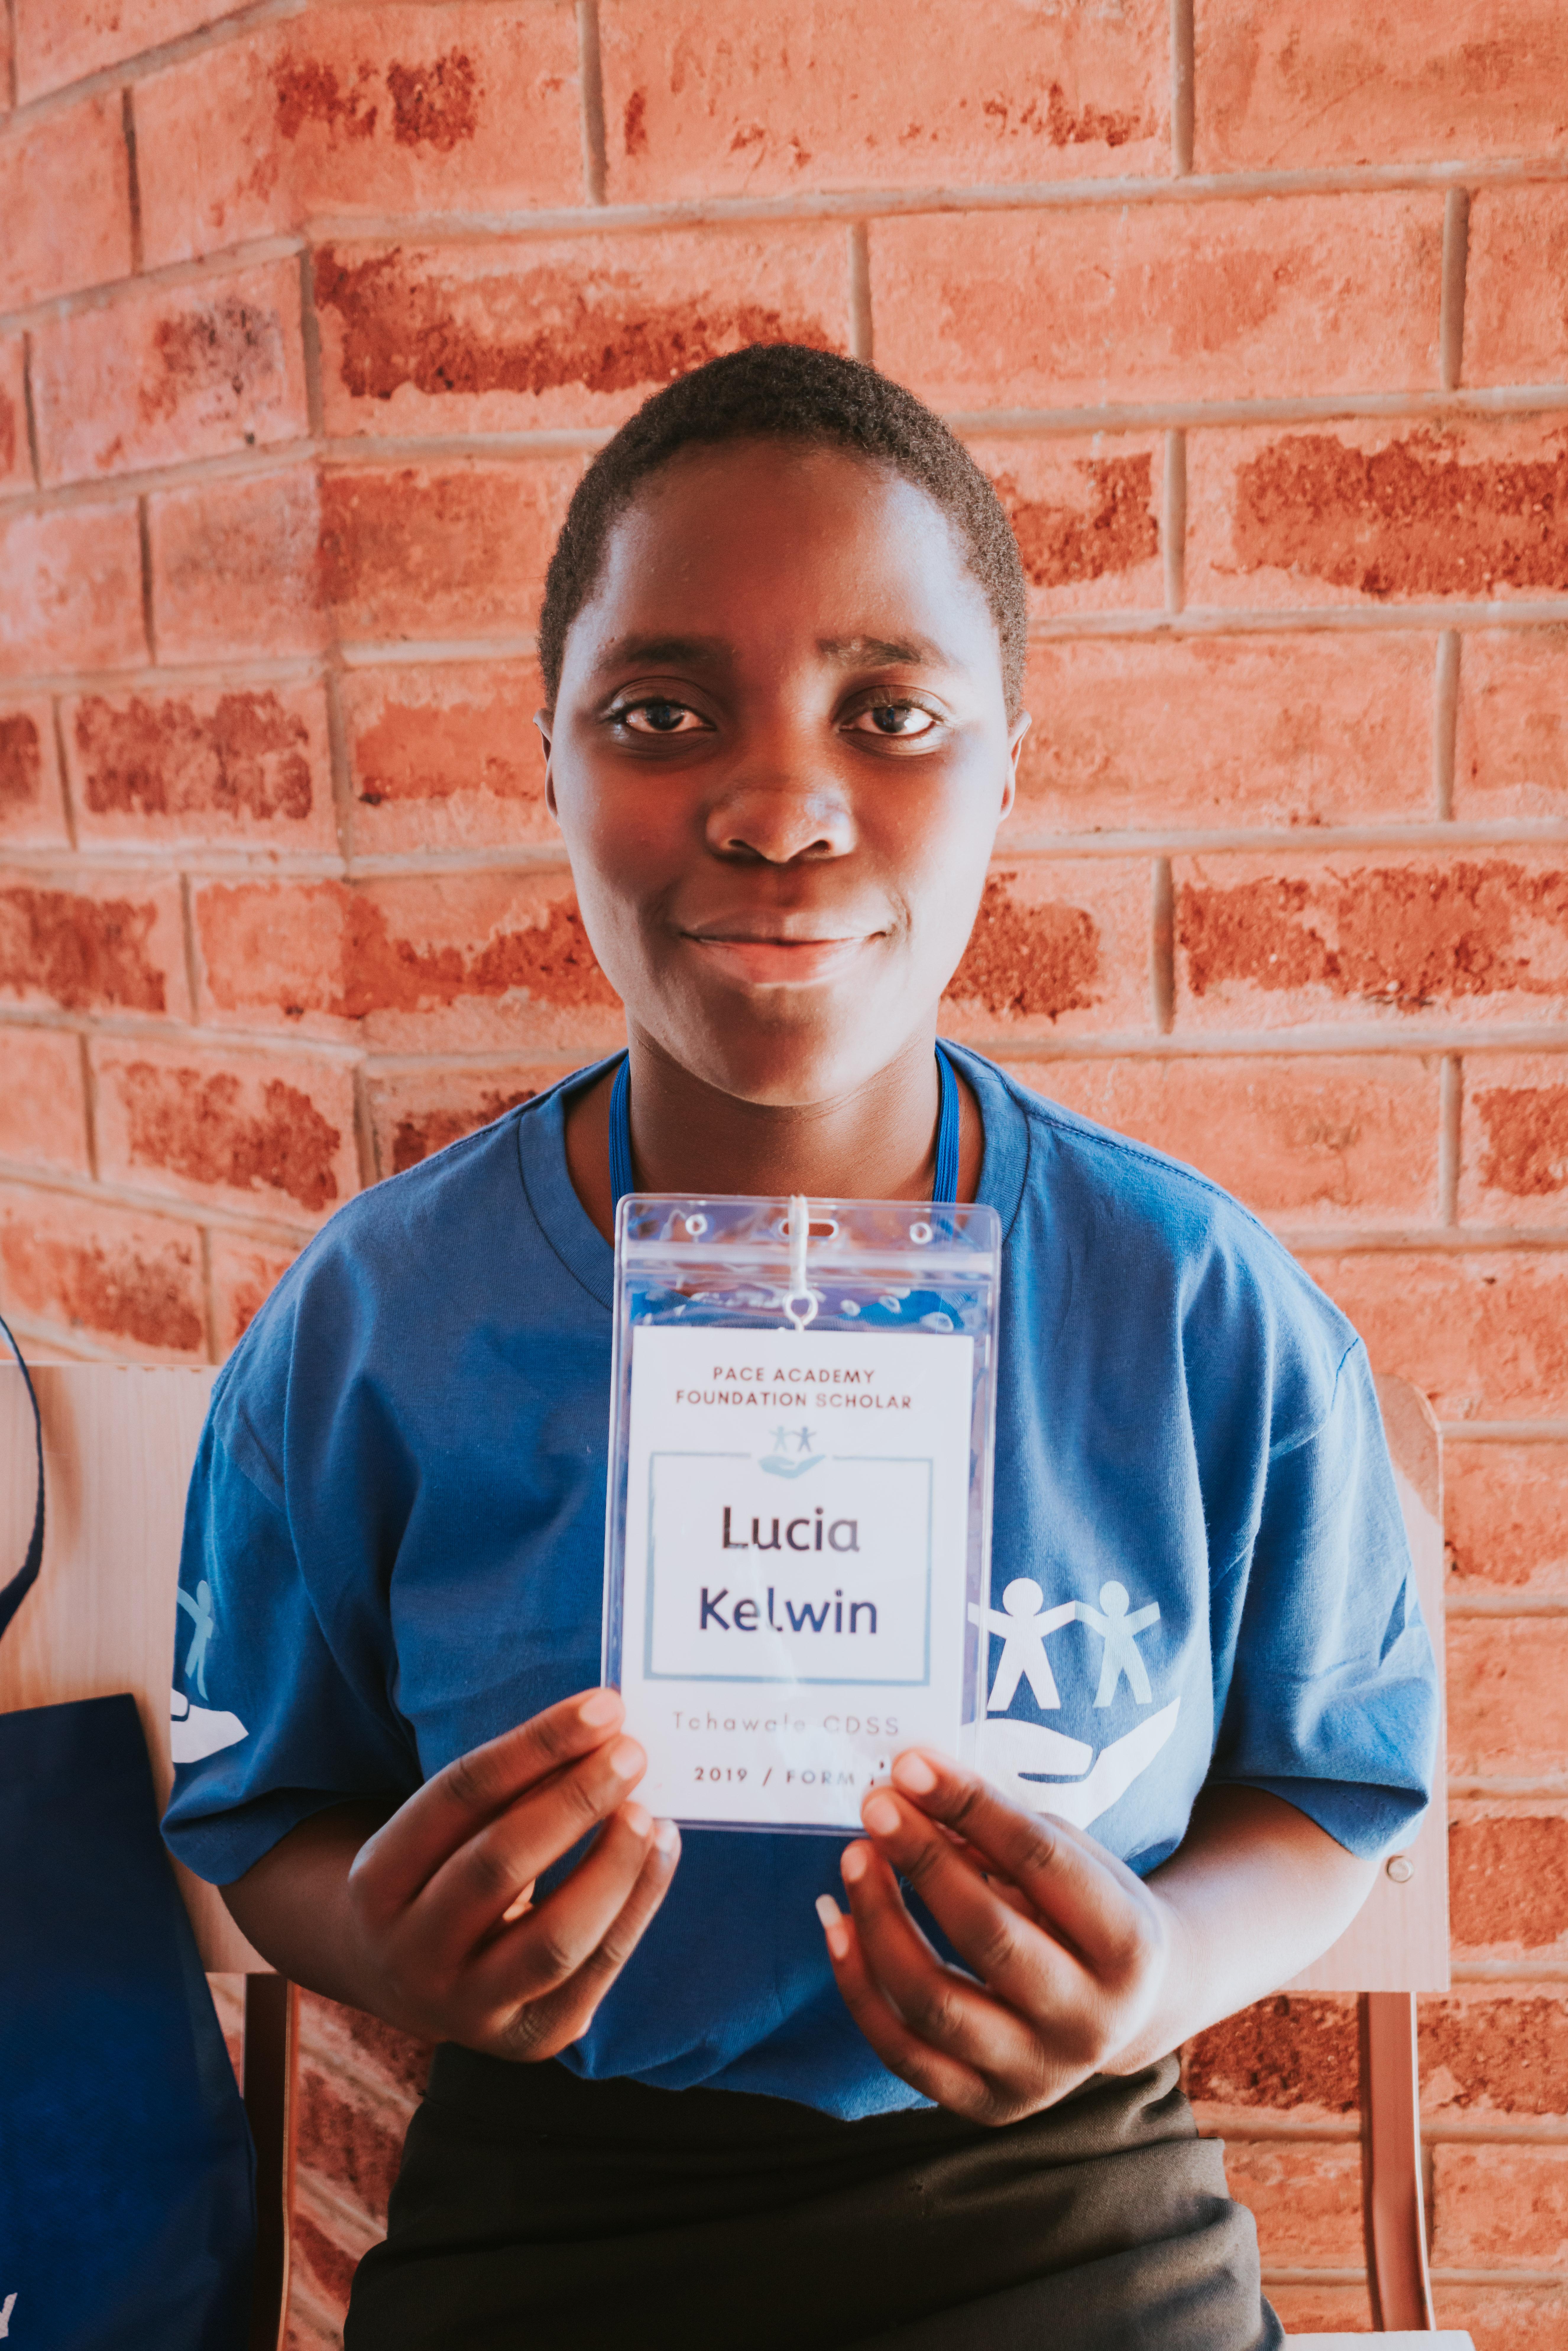 Lucia Kelwin (Tchawale CDSS)